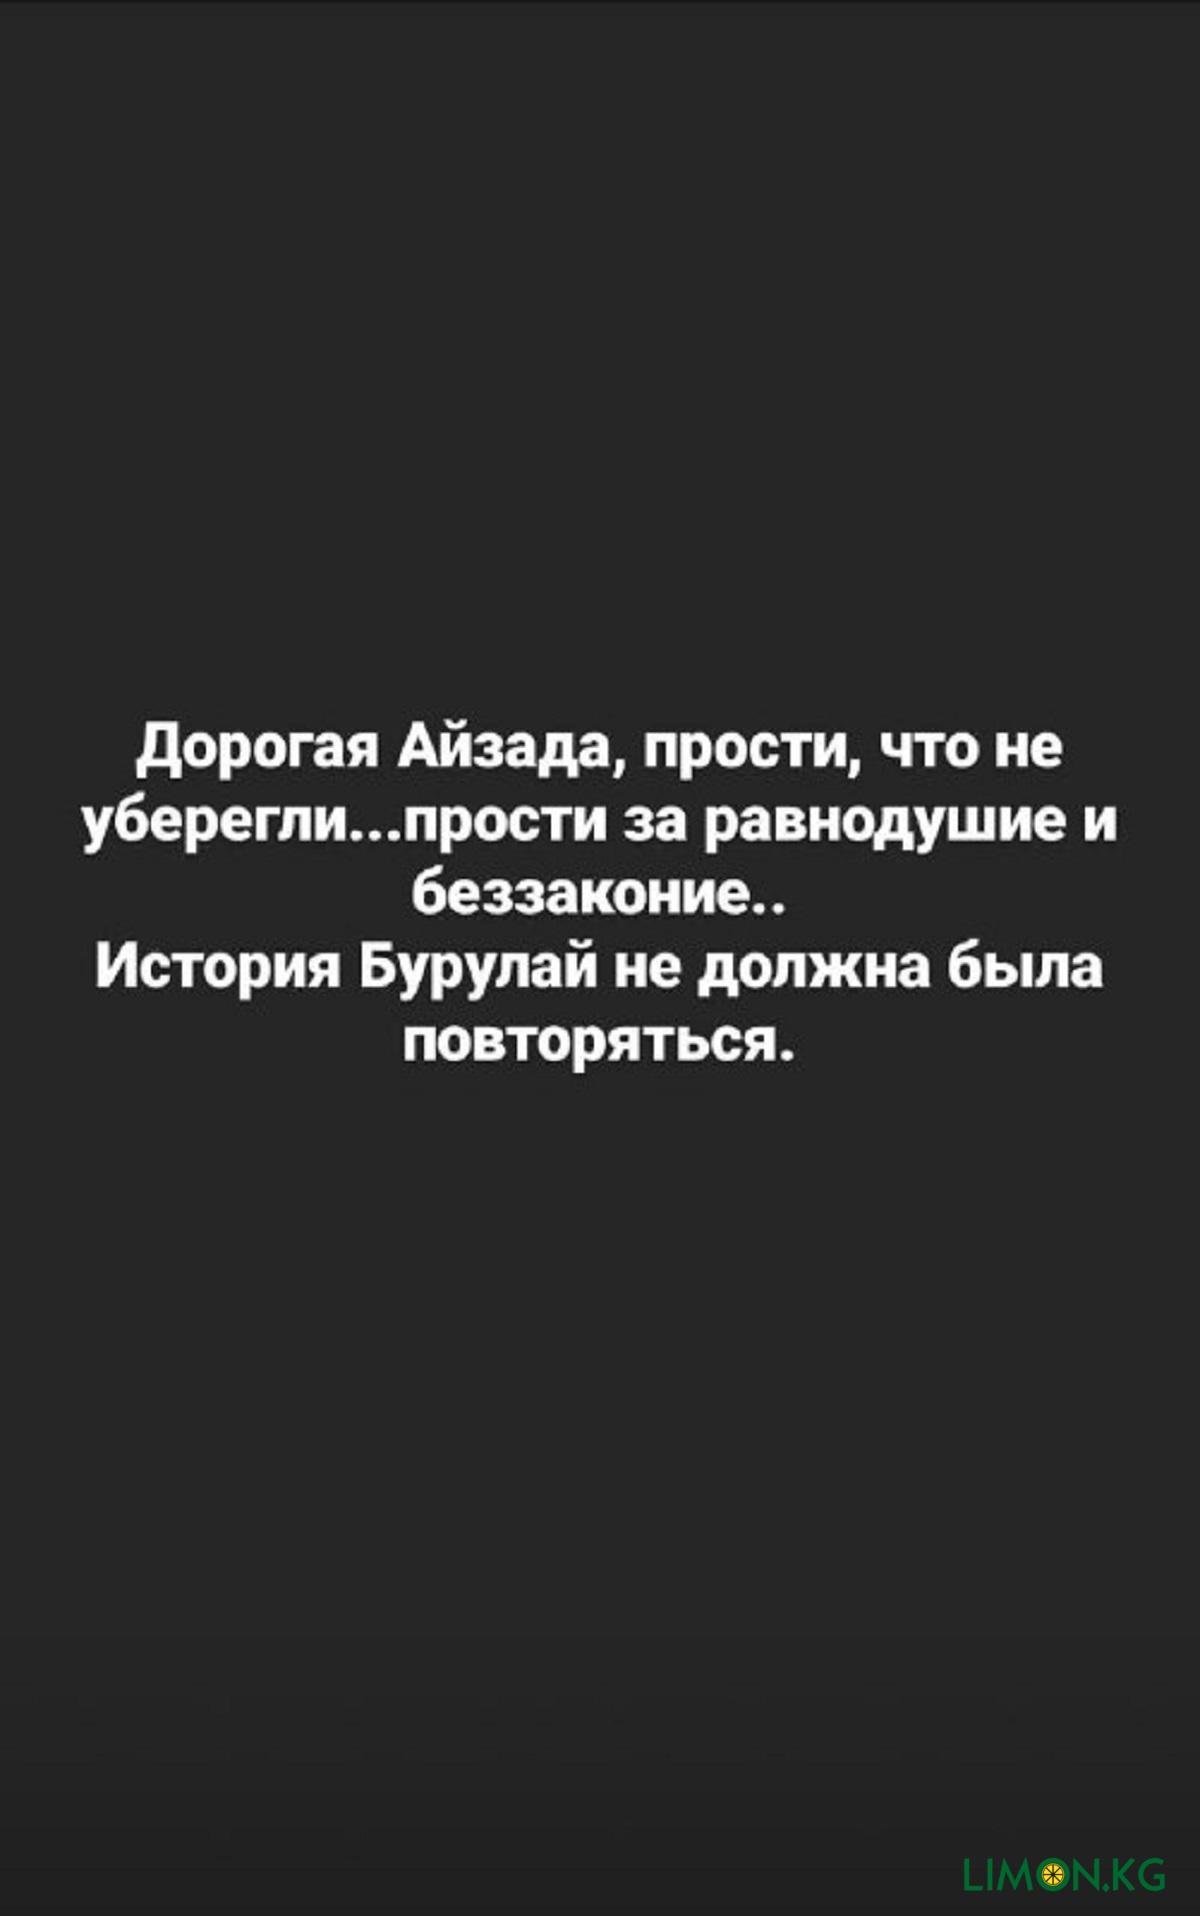 ноовсть13